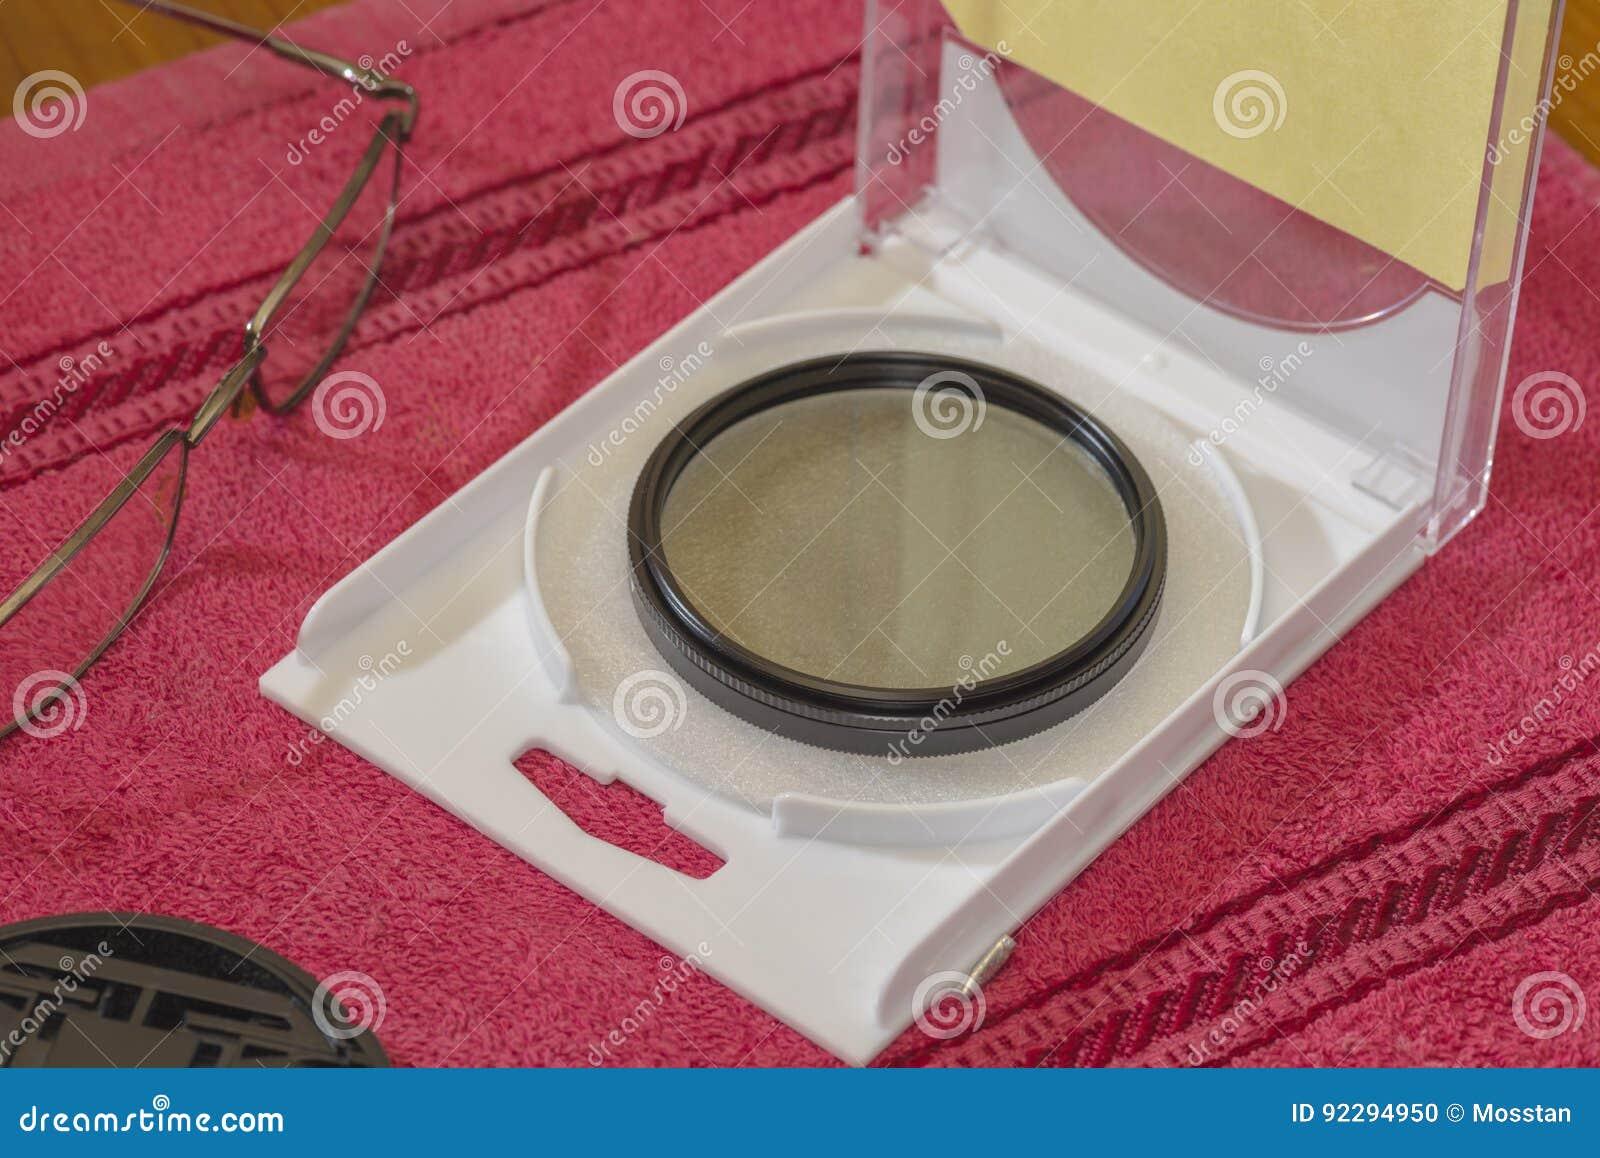 Поляризовывая ПОЛНЫЙ фильтр для объектива на таблице в открытой коробке